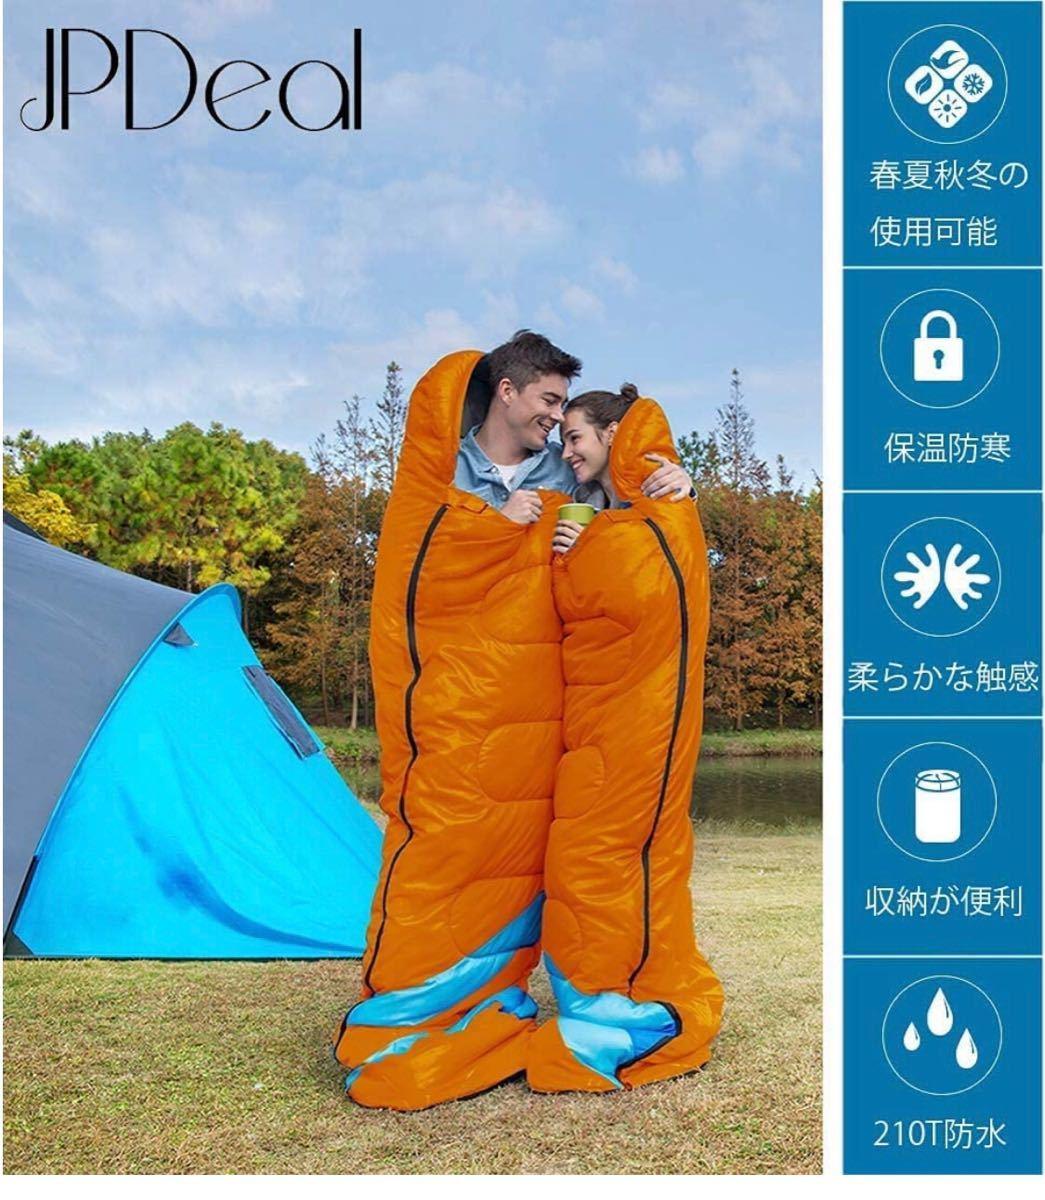 寝袋 封筒型 軽量 保温 210T防水シュラフ コンパクト アウトドア キャンプ 登山 車中泊 防災用 丸洗い可能